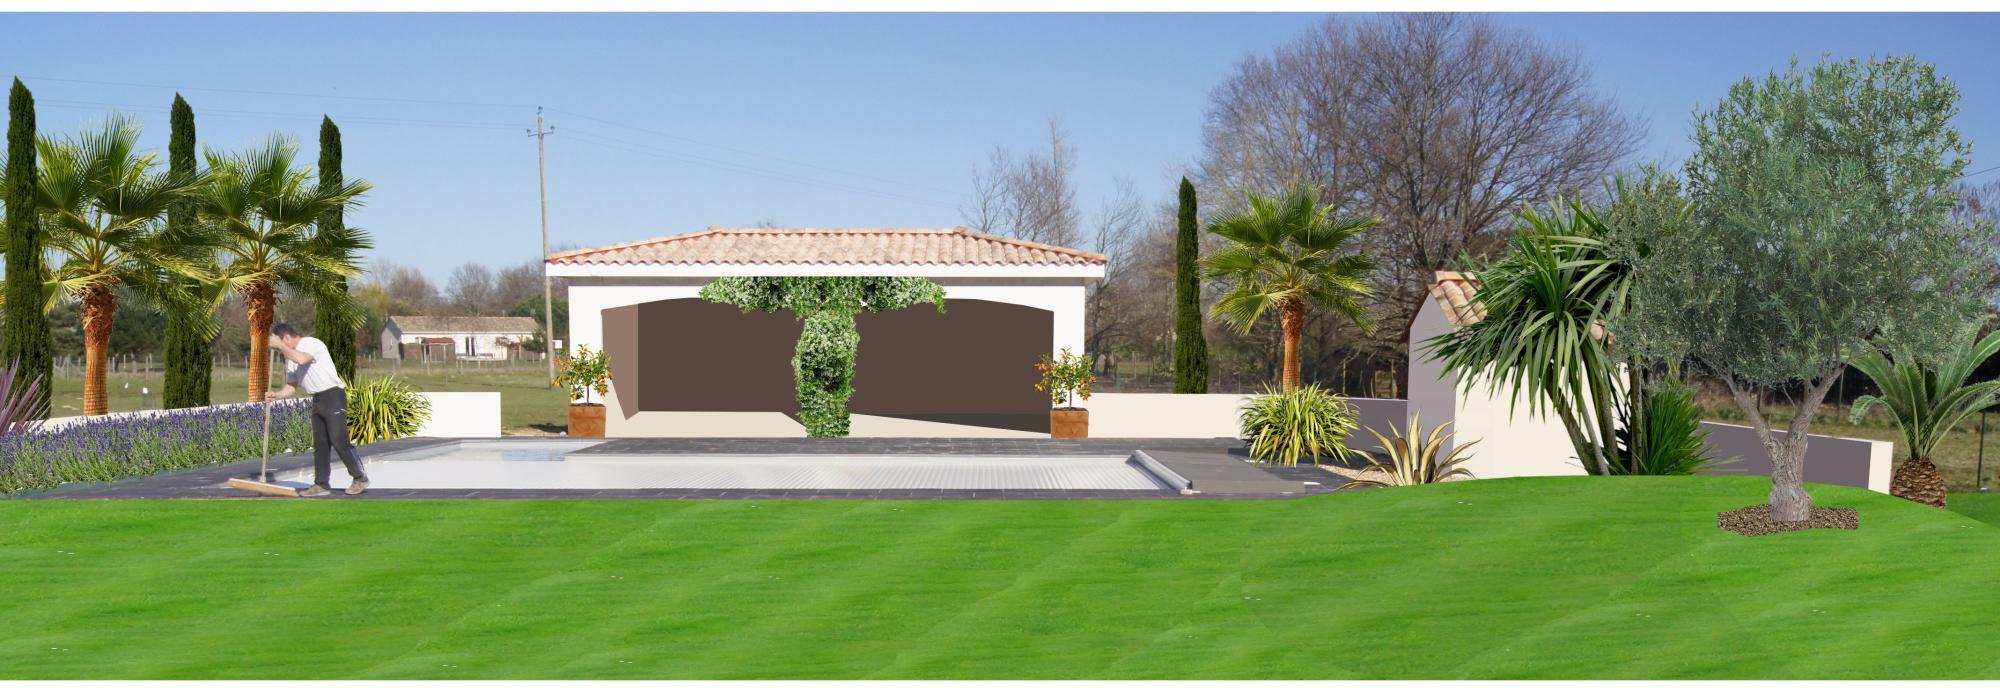 Faire un jardin autour d une piscine planter les abords d for Amenagement bord de piscine